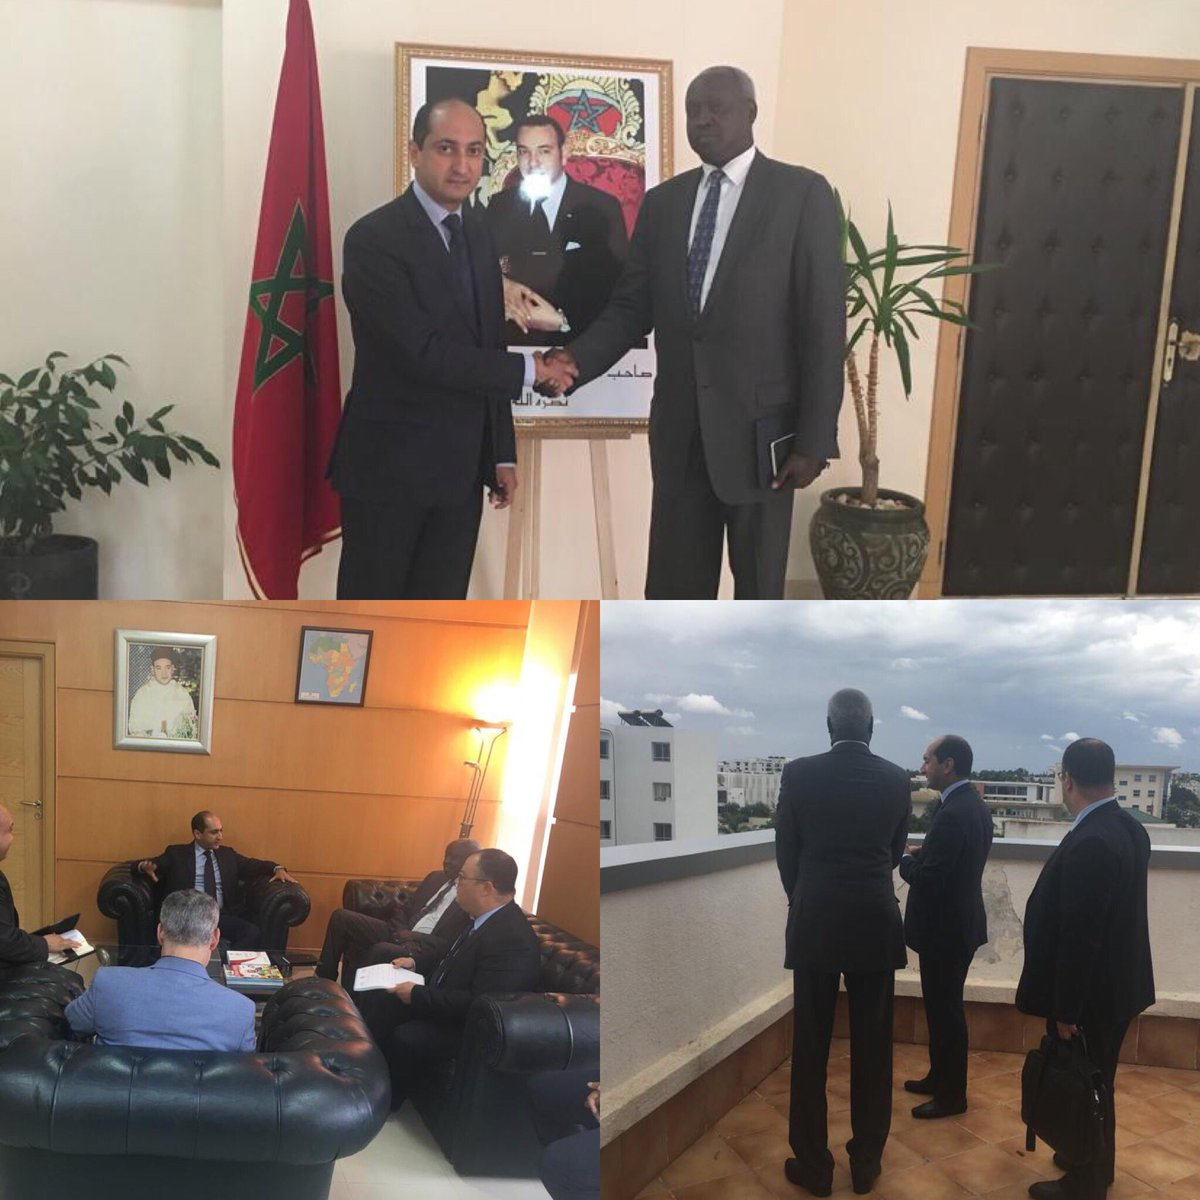 #Rabat #AMCI visite du Ministre des Affaires Etrangeres du #SudSoudan M. Nhial Deng Nhial au siege de #AMCI ce vendredi après-midi 19oct2018.#Maroc @MarocDiplomatie #AMCI #cooperation #africa  - FestivalFocus